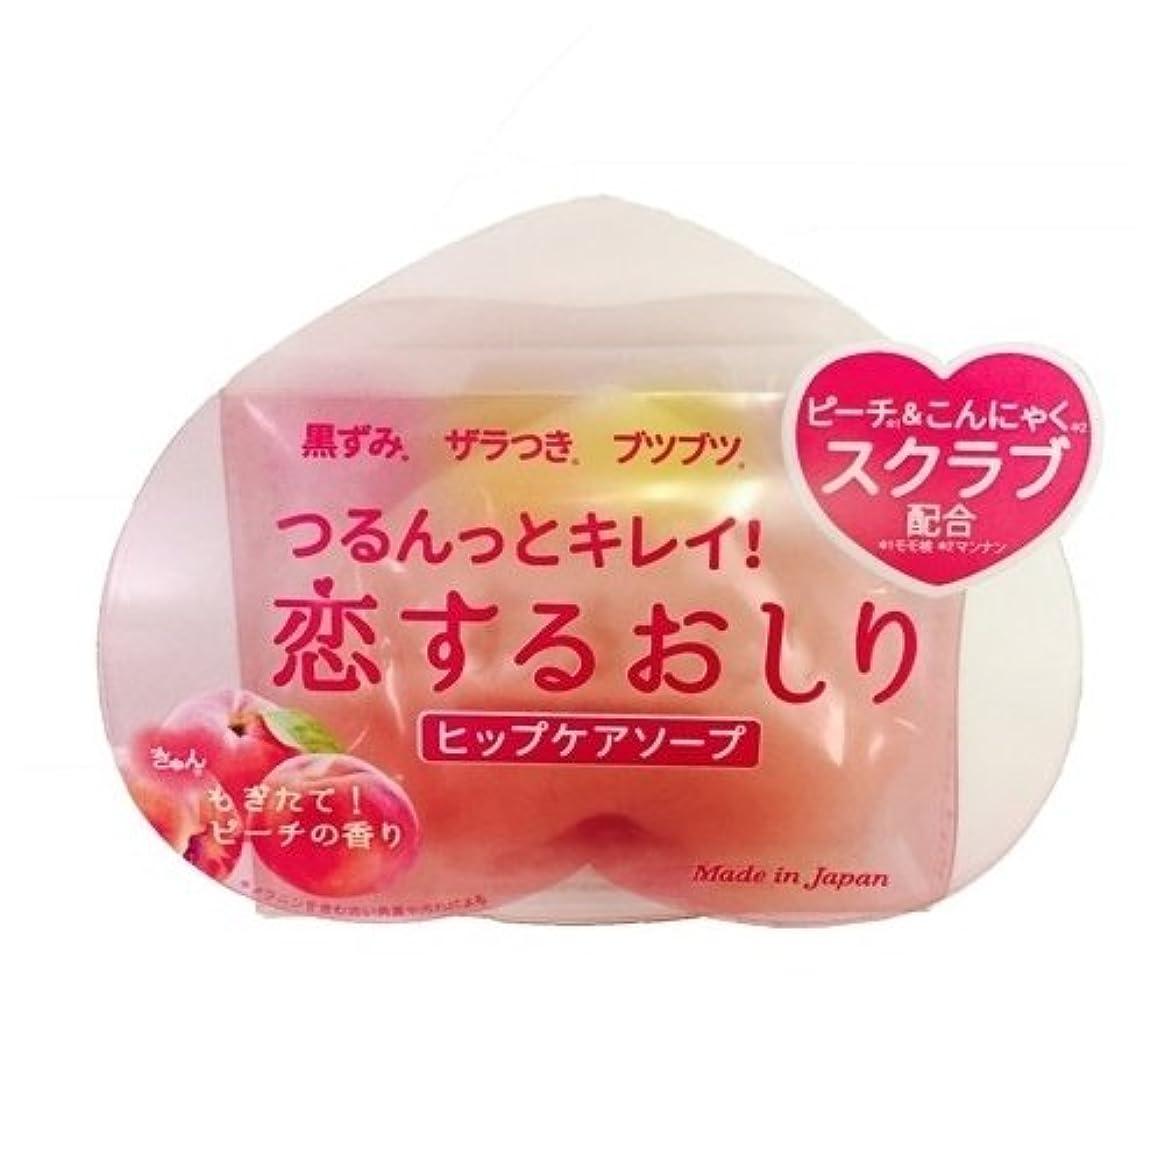 ロデオ再発する耐久ペリカン石鹸 恋するおしり ヒップケアソープ 80g